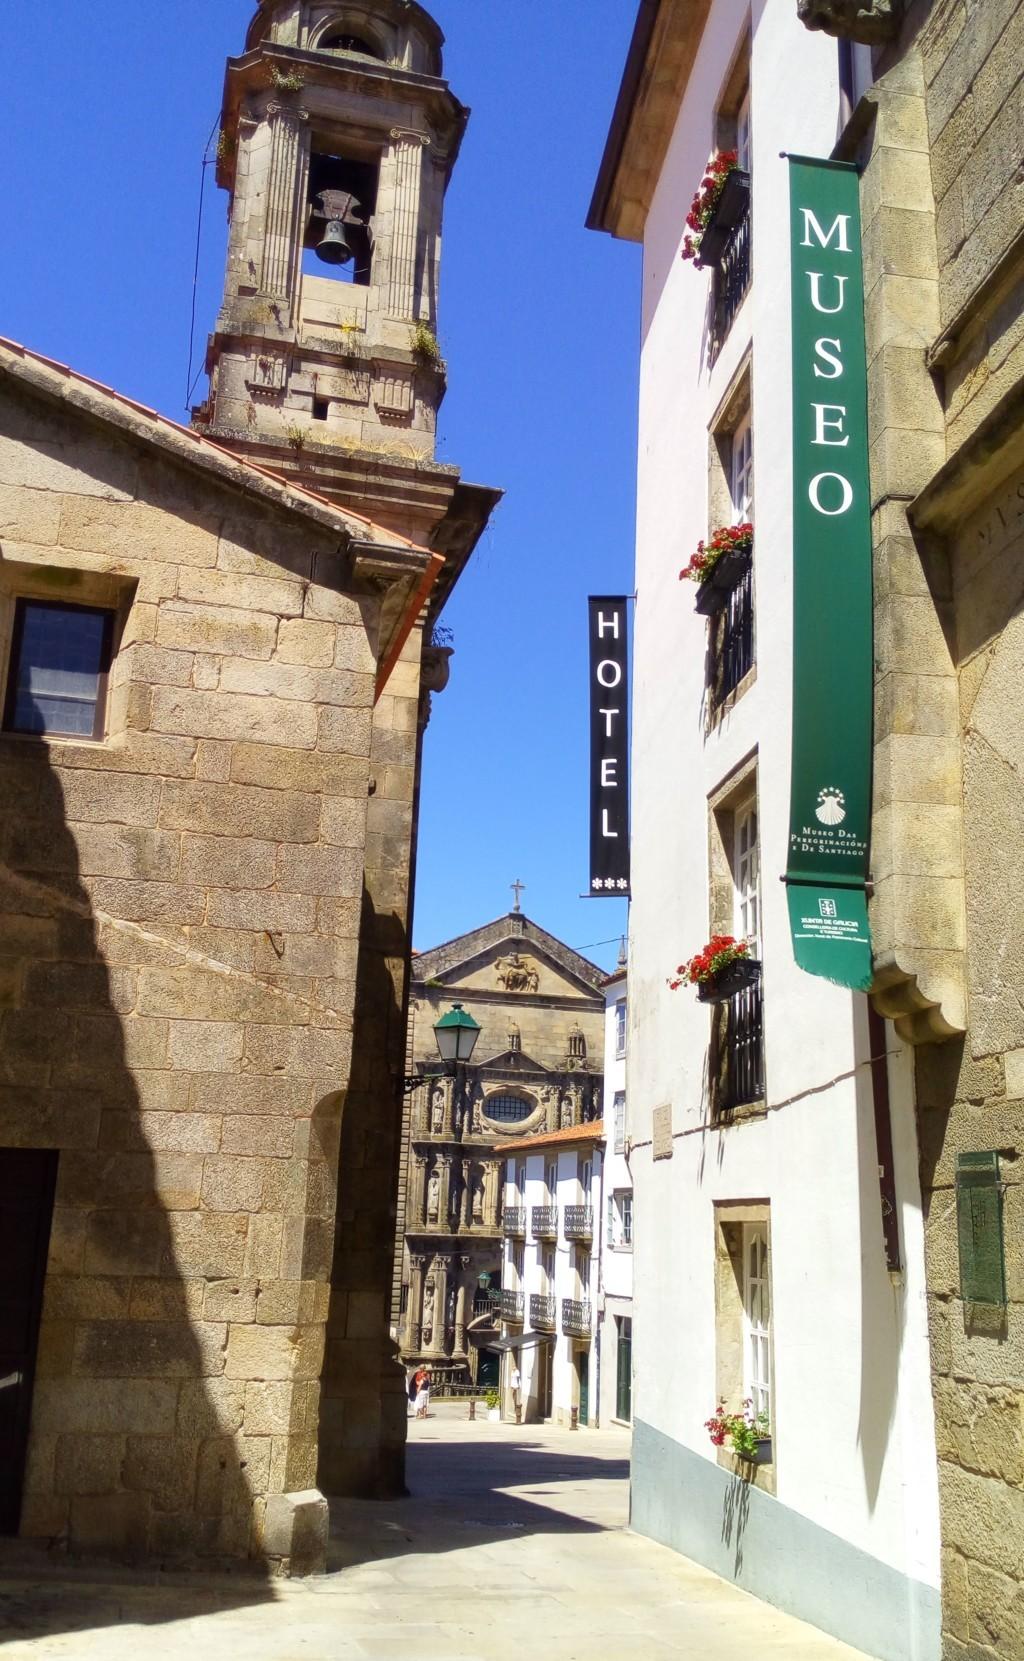 Foto 3 - Entrando en la plaza de San Miguel, a la izquierda iglesia de san Miguel dos Agros